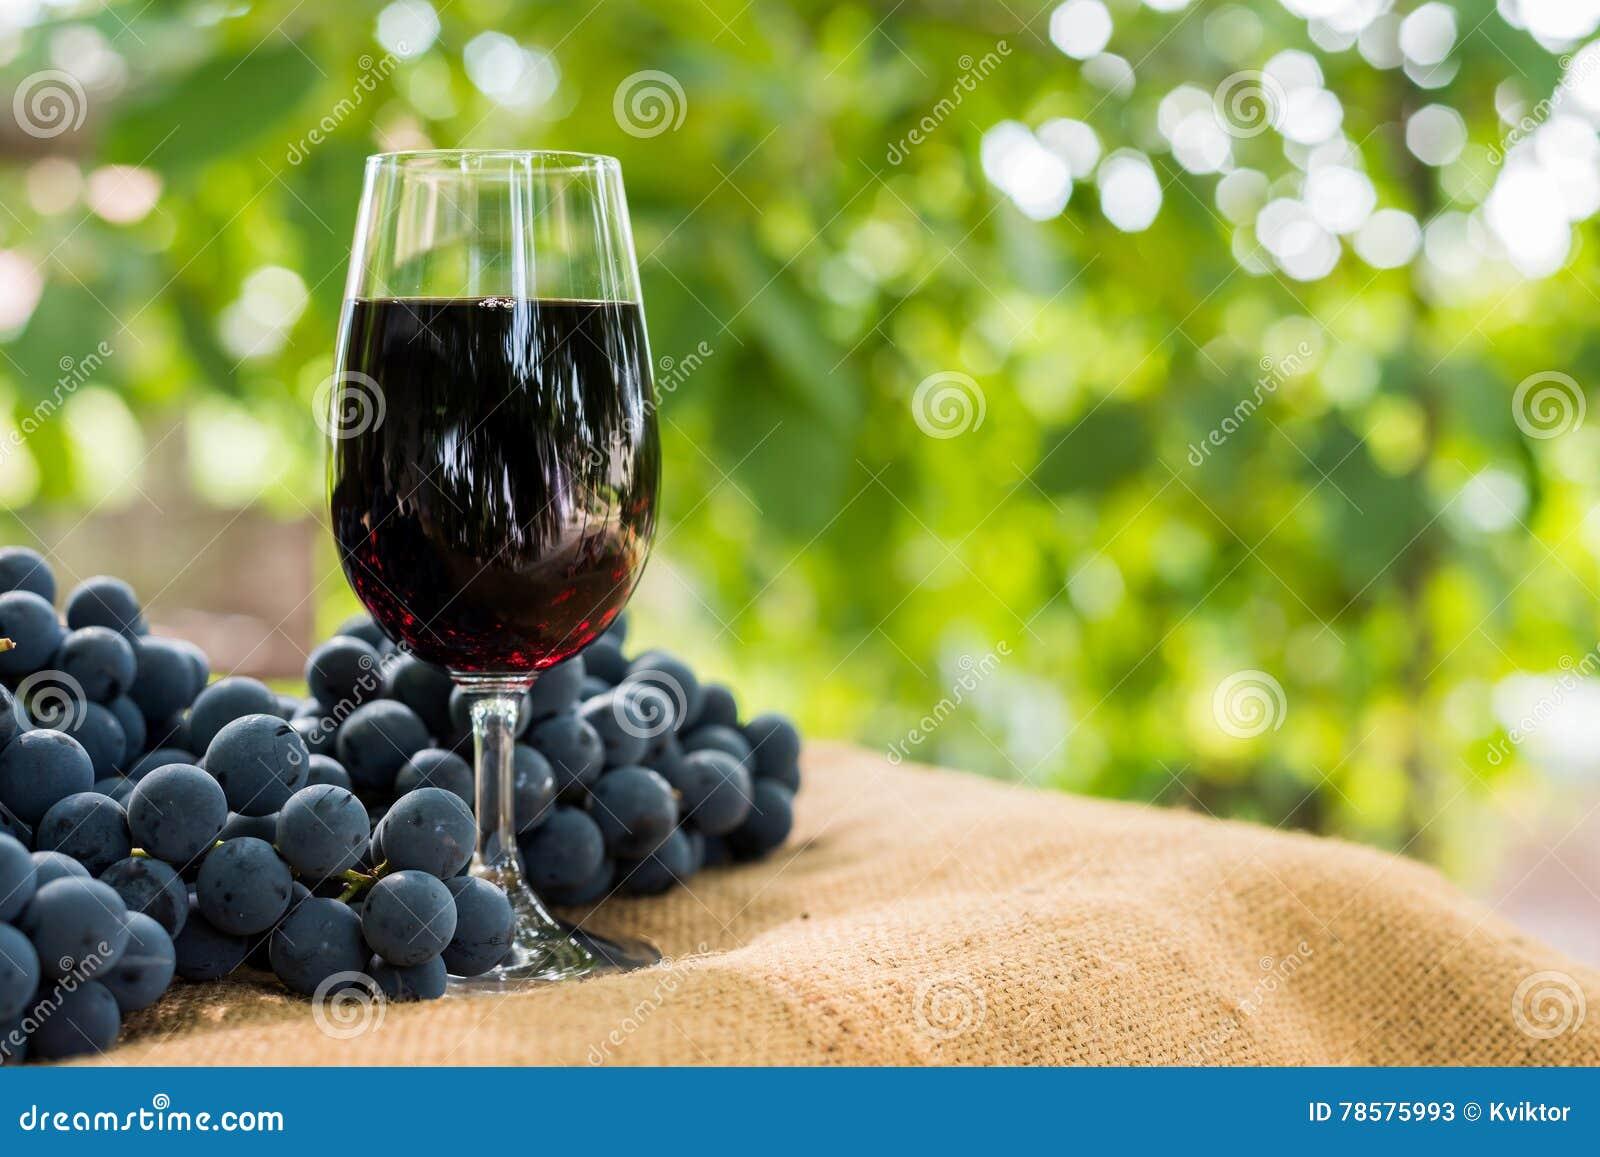 Vetro Del Vino Rosso E Mazzo Di Uva Contro Sfondo Naturale Verde